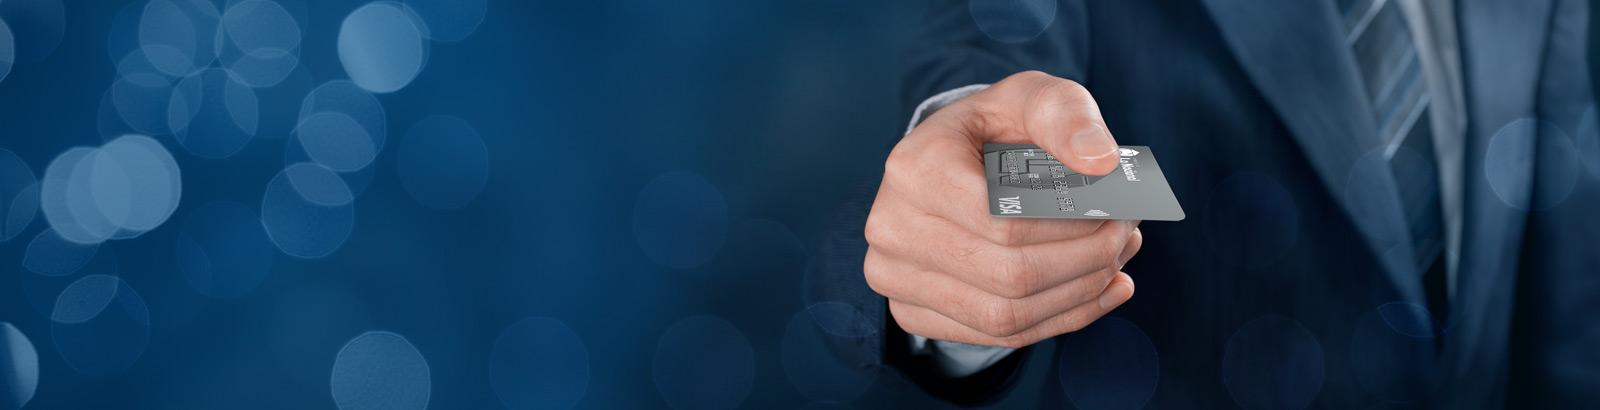 Solicitud Tarjeta de Crédito Empresarial